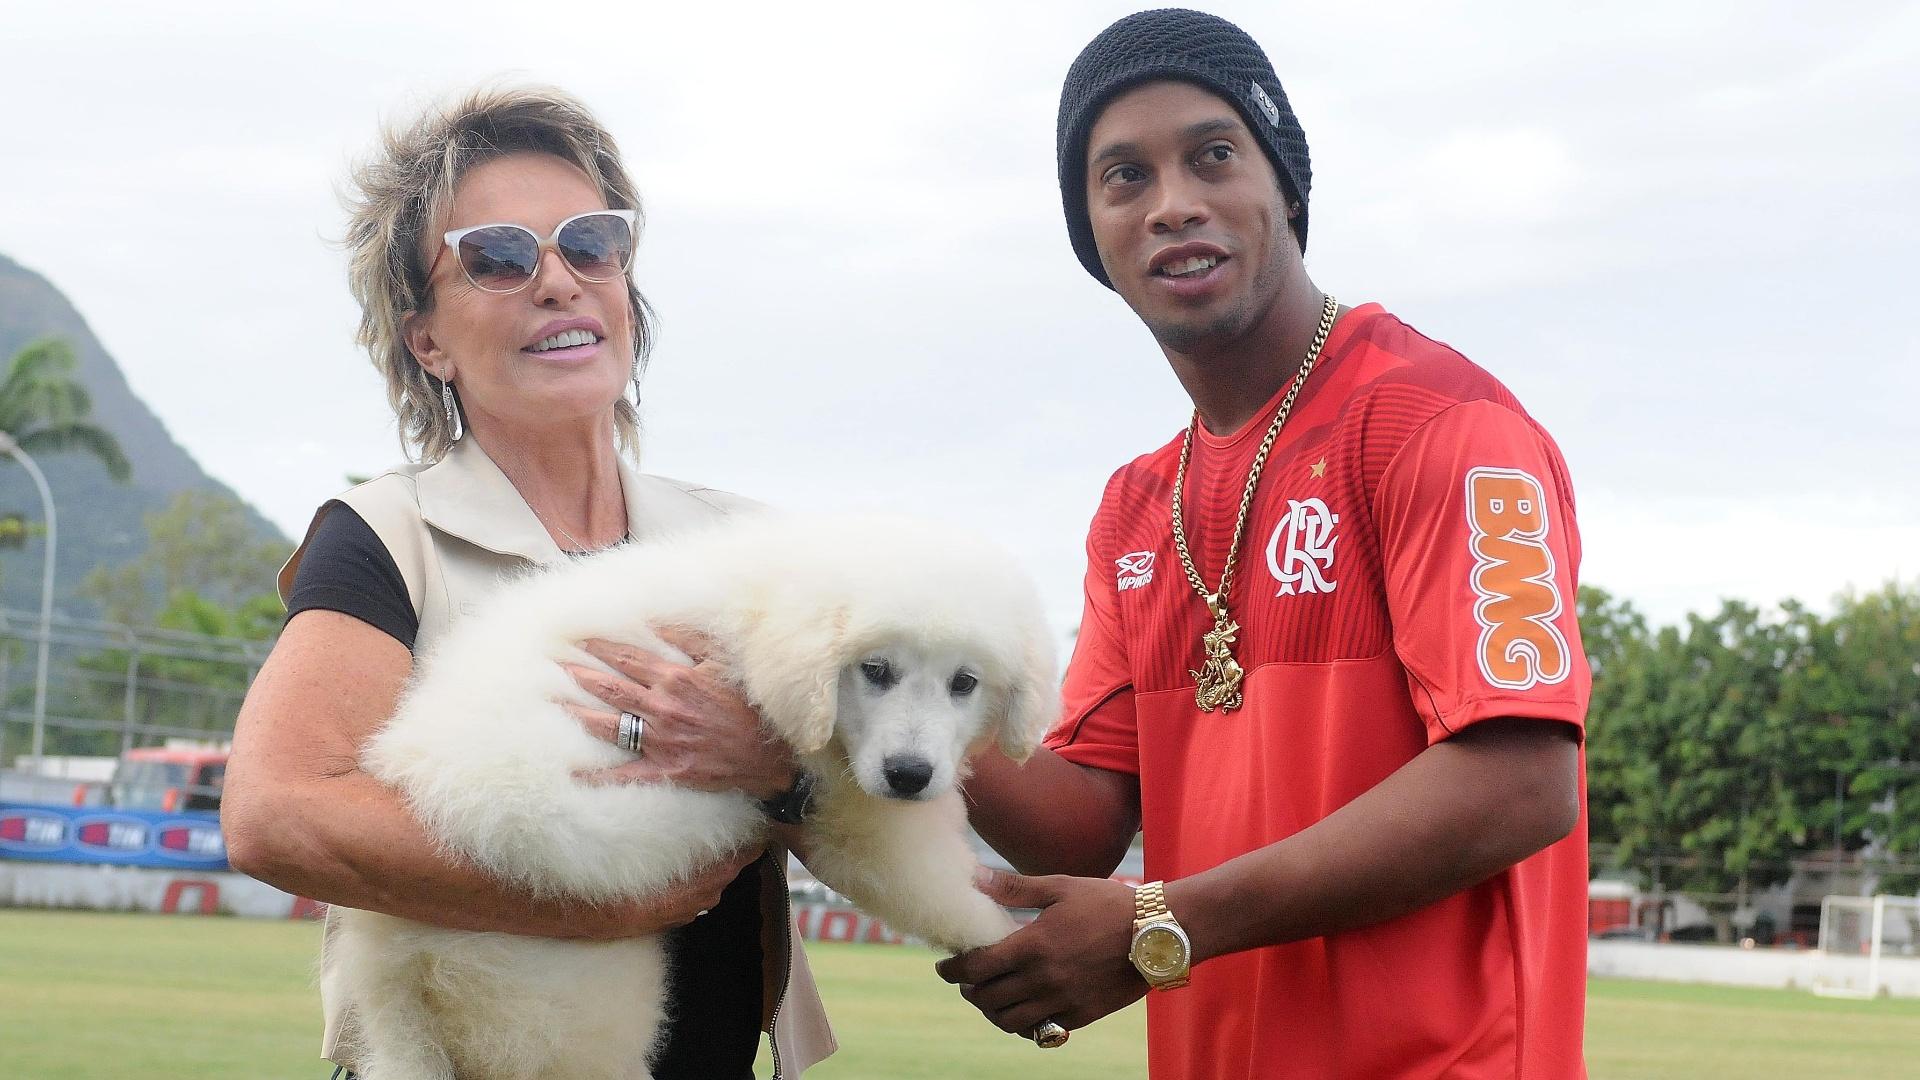 De presente de aniversário, Ronaldinho Gaúcho ganhou um cachorro da apresentadora